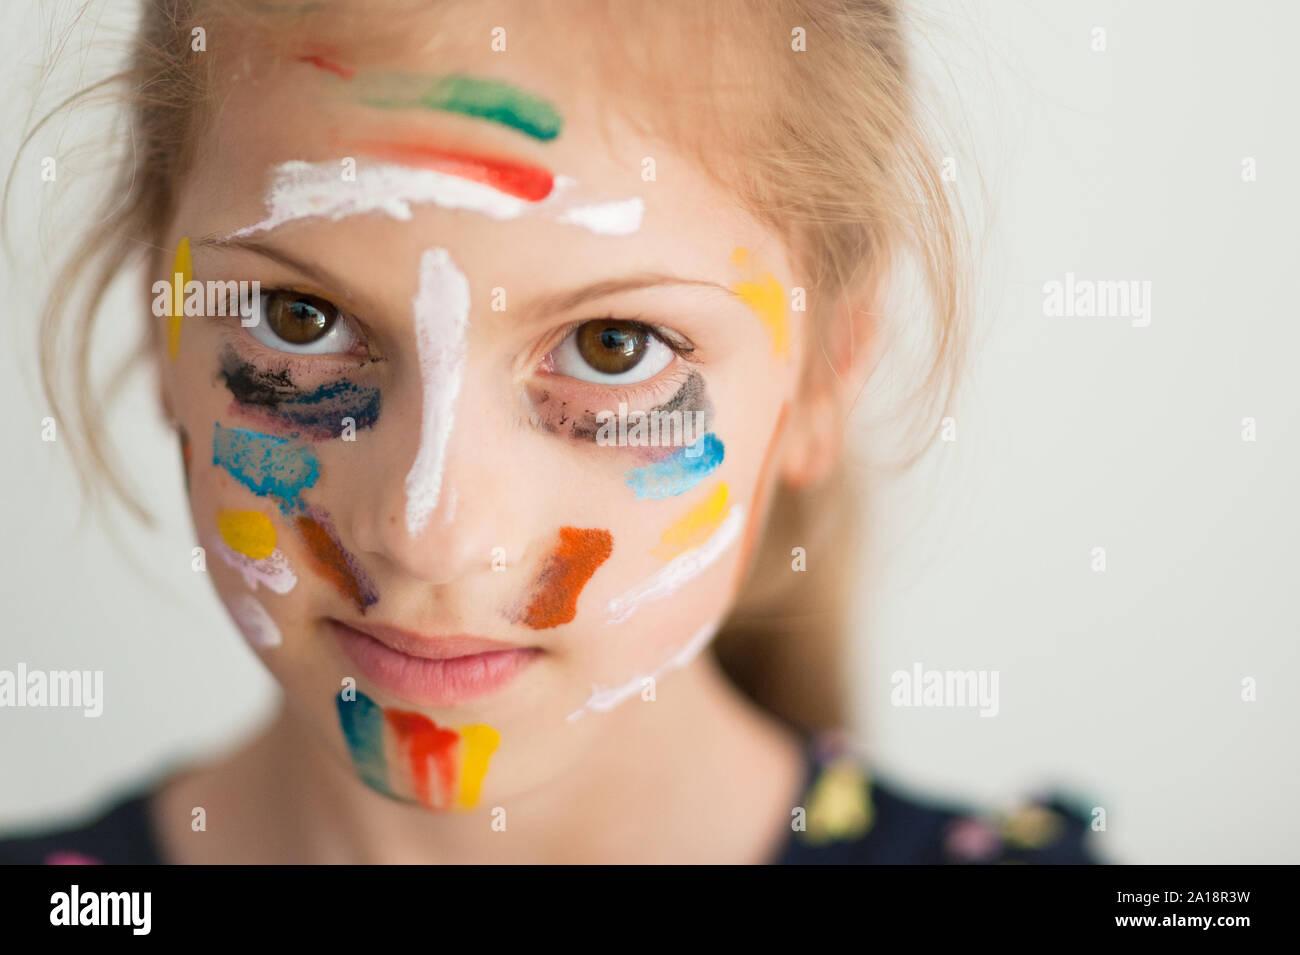 Magnifique portrait de peu caucasian girl face avec sur sa peinture haute en couleur Banque D'Images